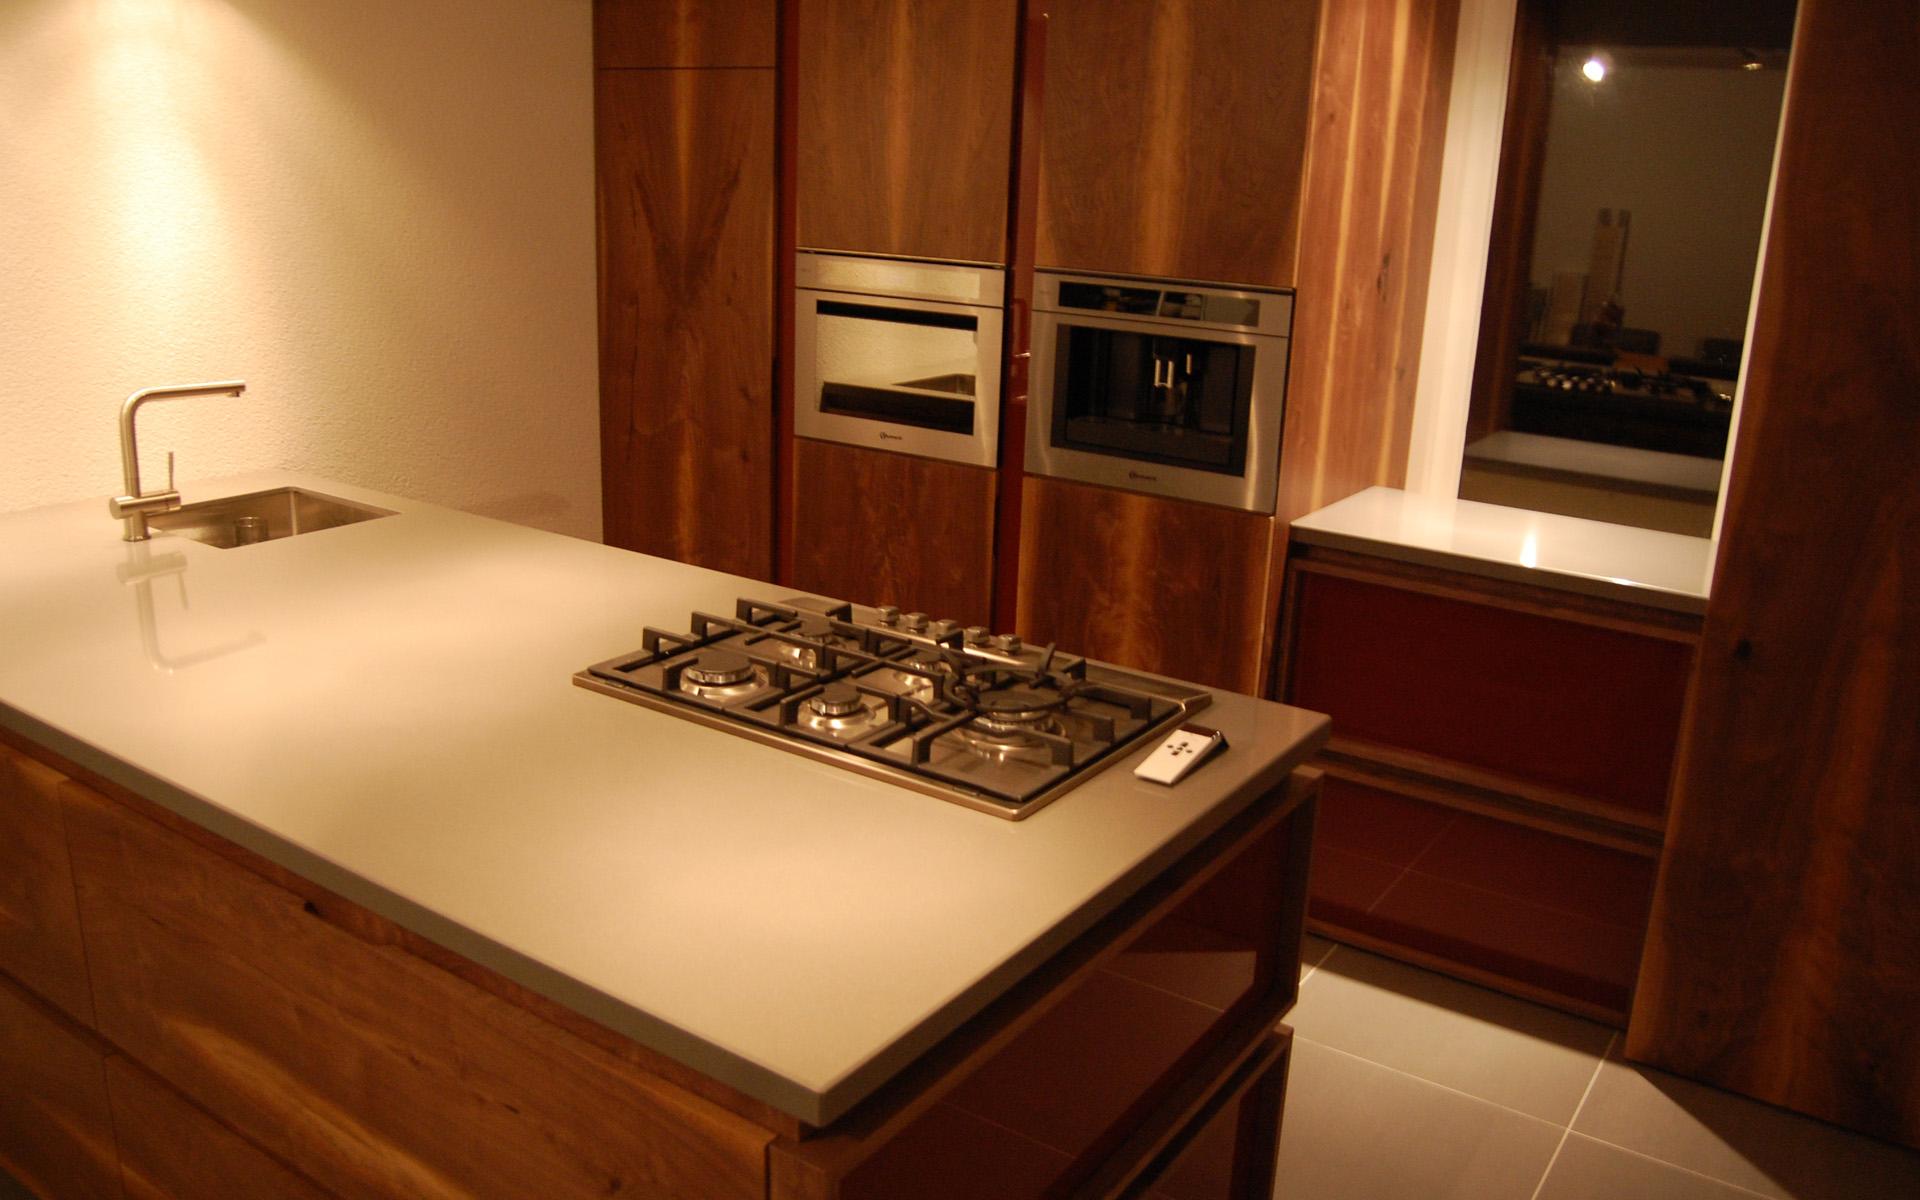 Keuken amerikaans notenhout 03 studio sool - Meubels studio keuken ...